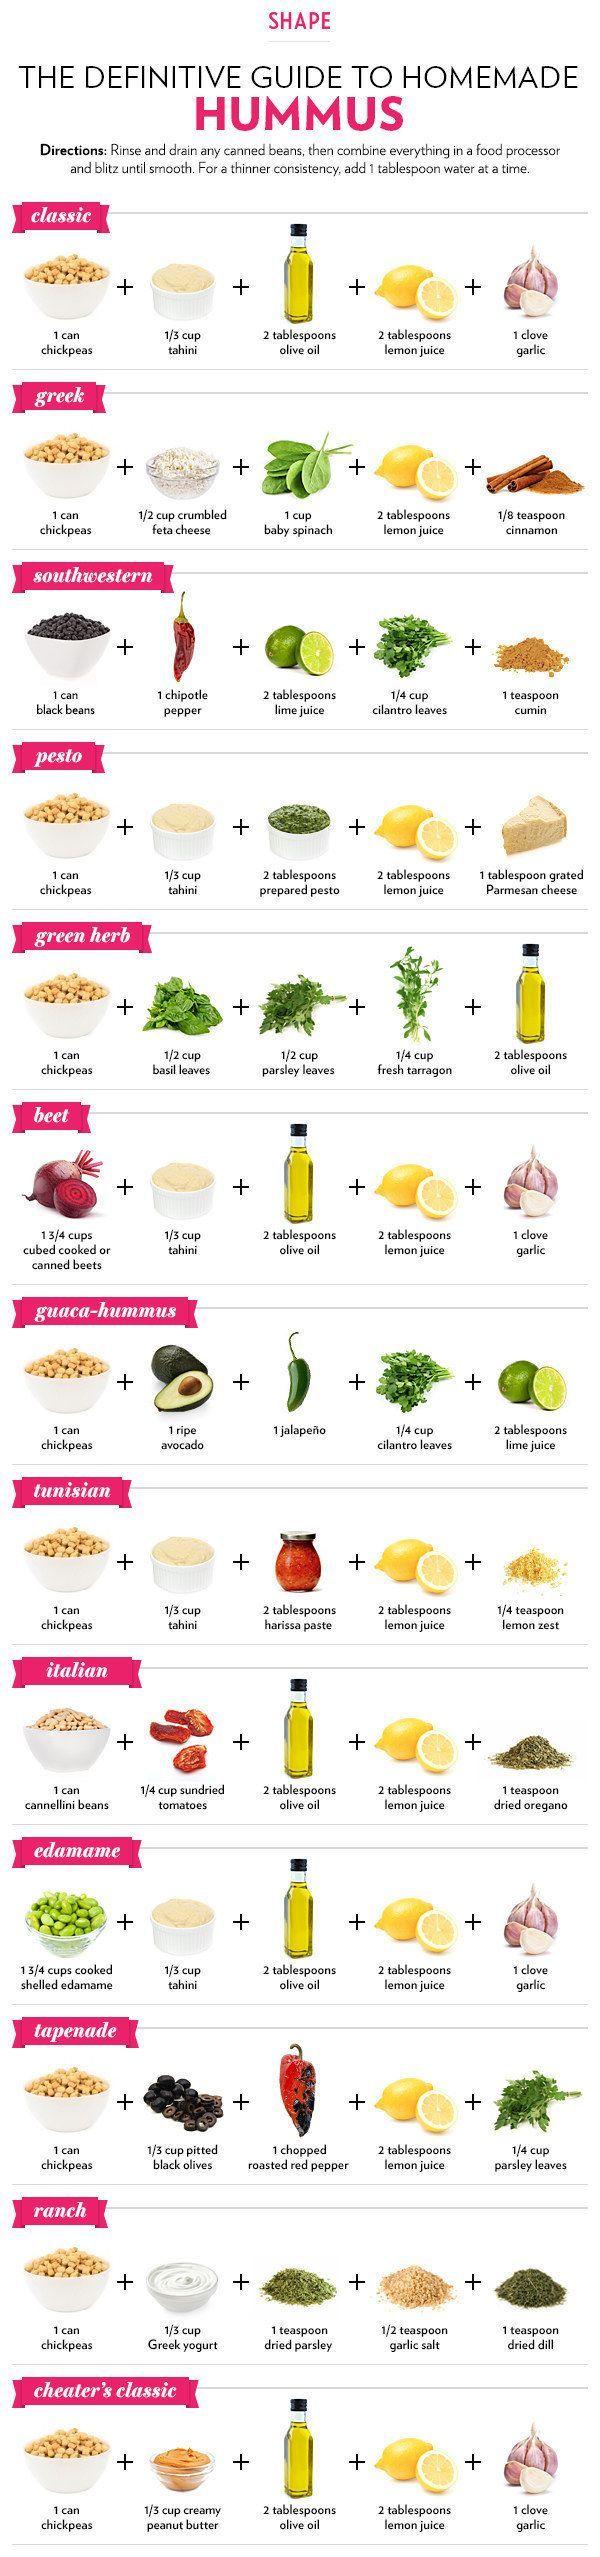 Sea creativo con hummus como otra forma de agregar proteínas y hierro en su dieta. | 22 Cosas que debes saber antes de que decidas dejar de comer carne